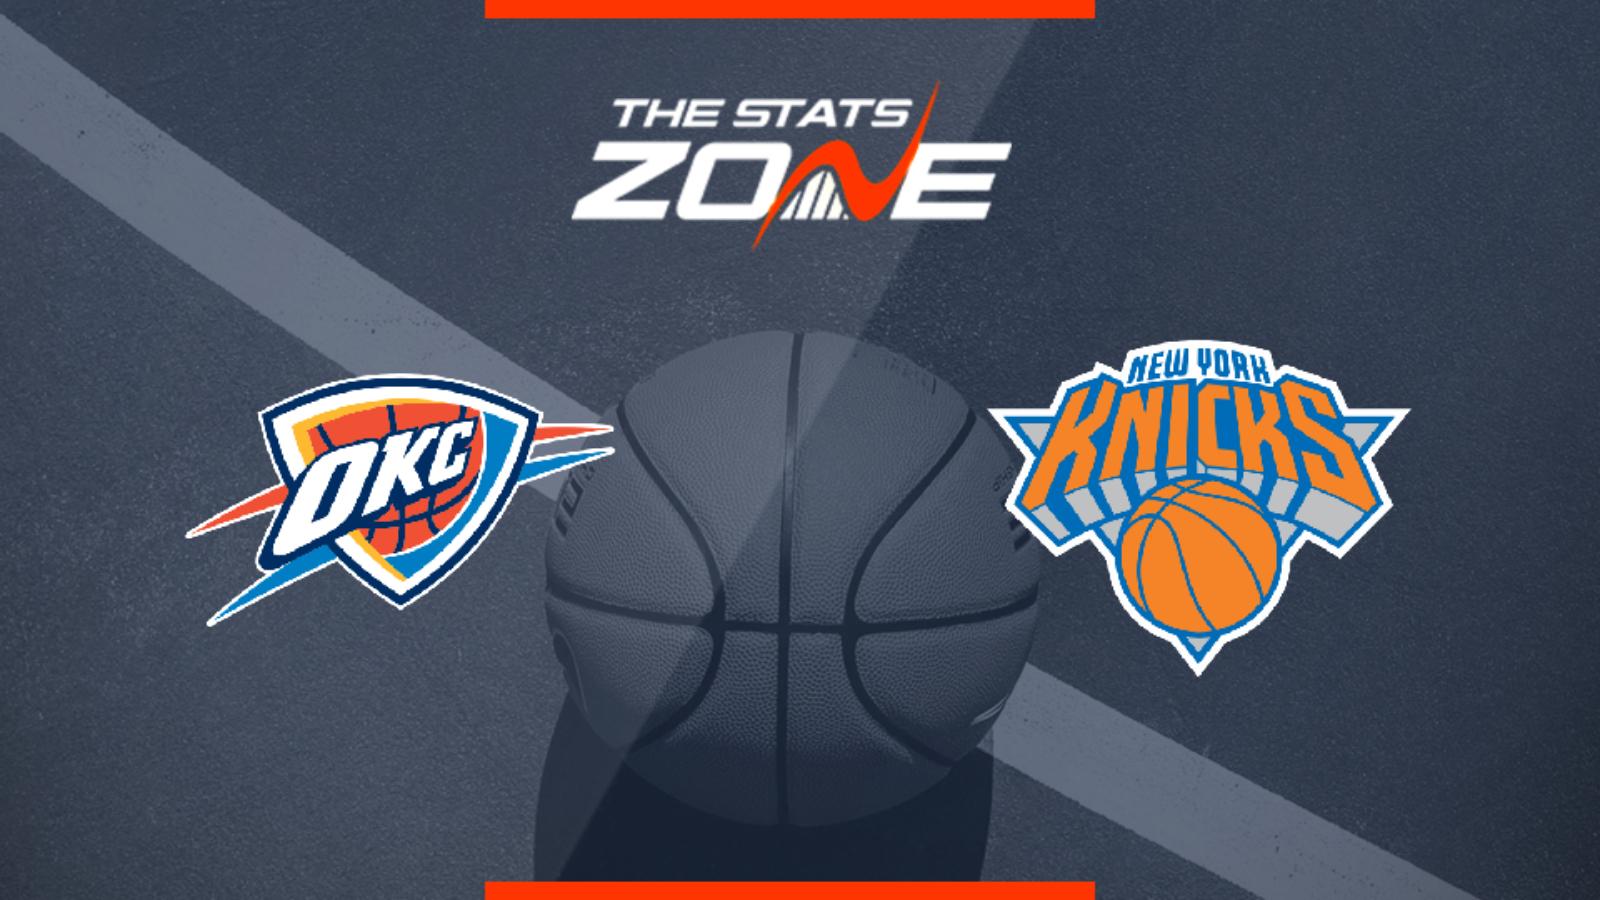 2019 20 Nba Oklahoma City Thunder New York Knicks Preview